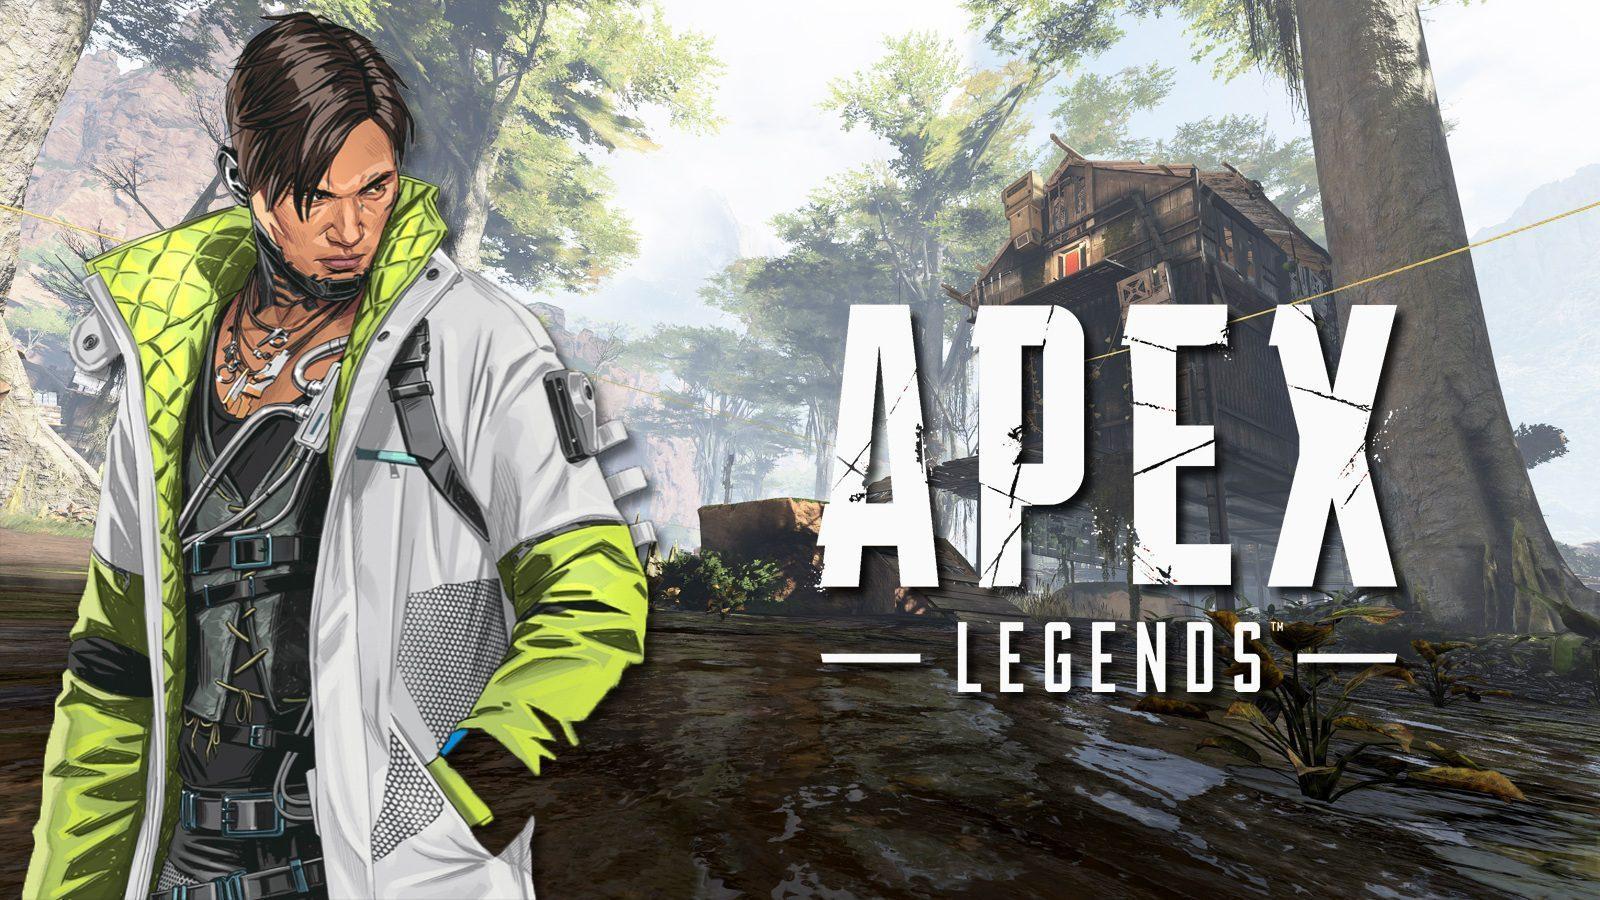 Las bovedas de Apex Legends estan oficialmente abiertas